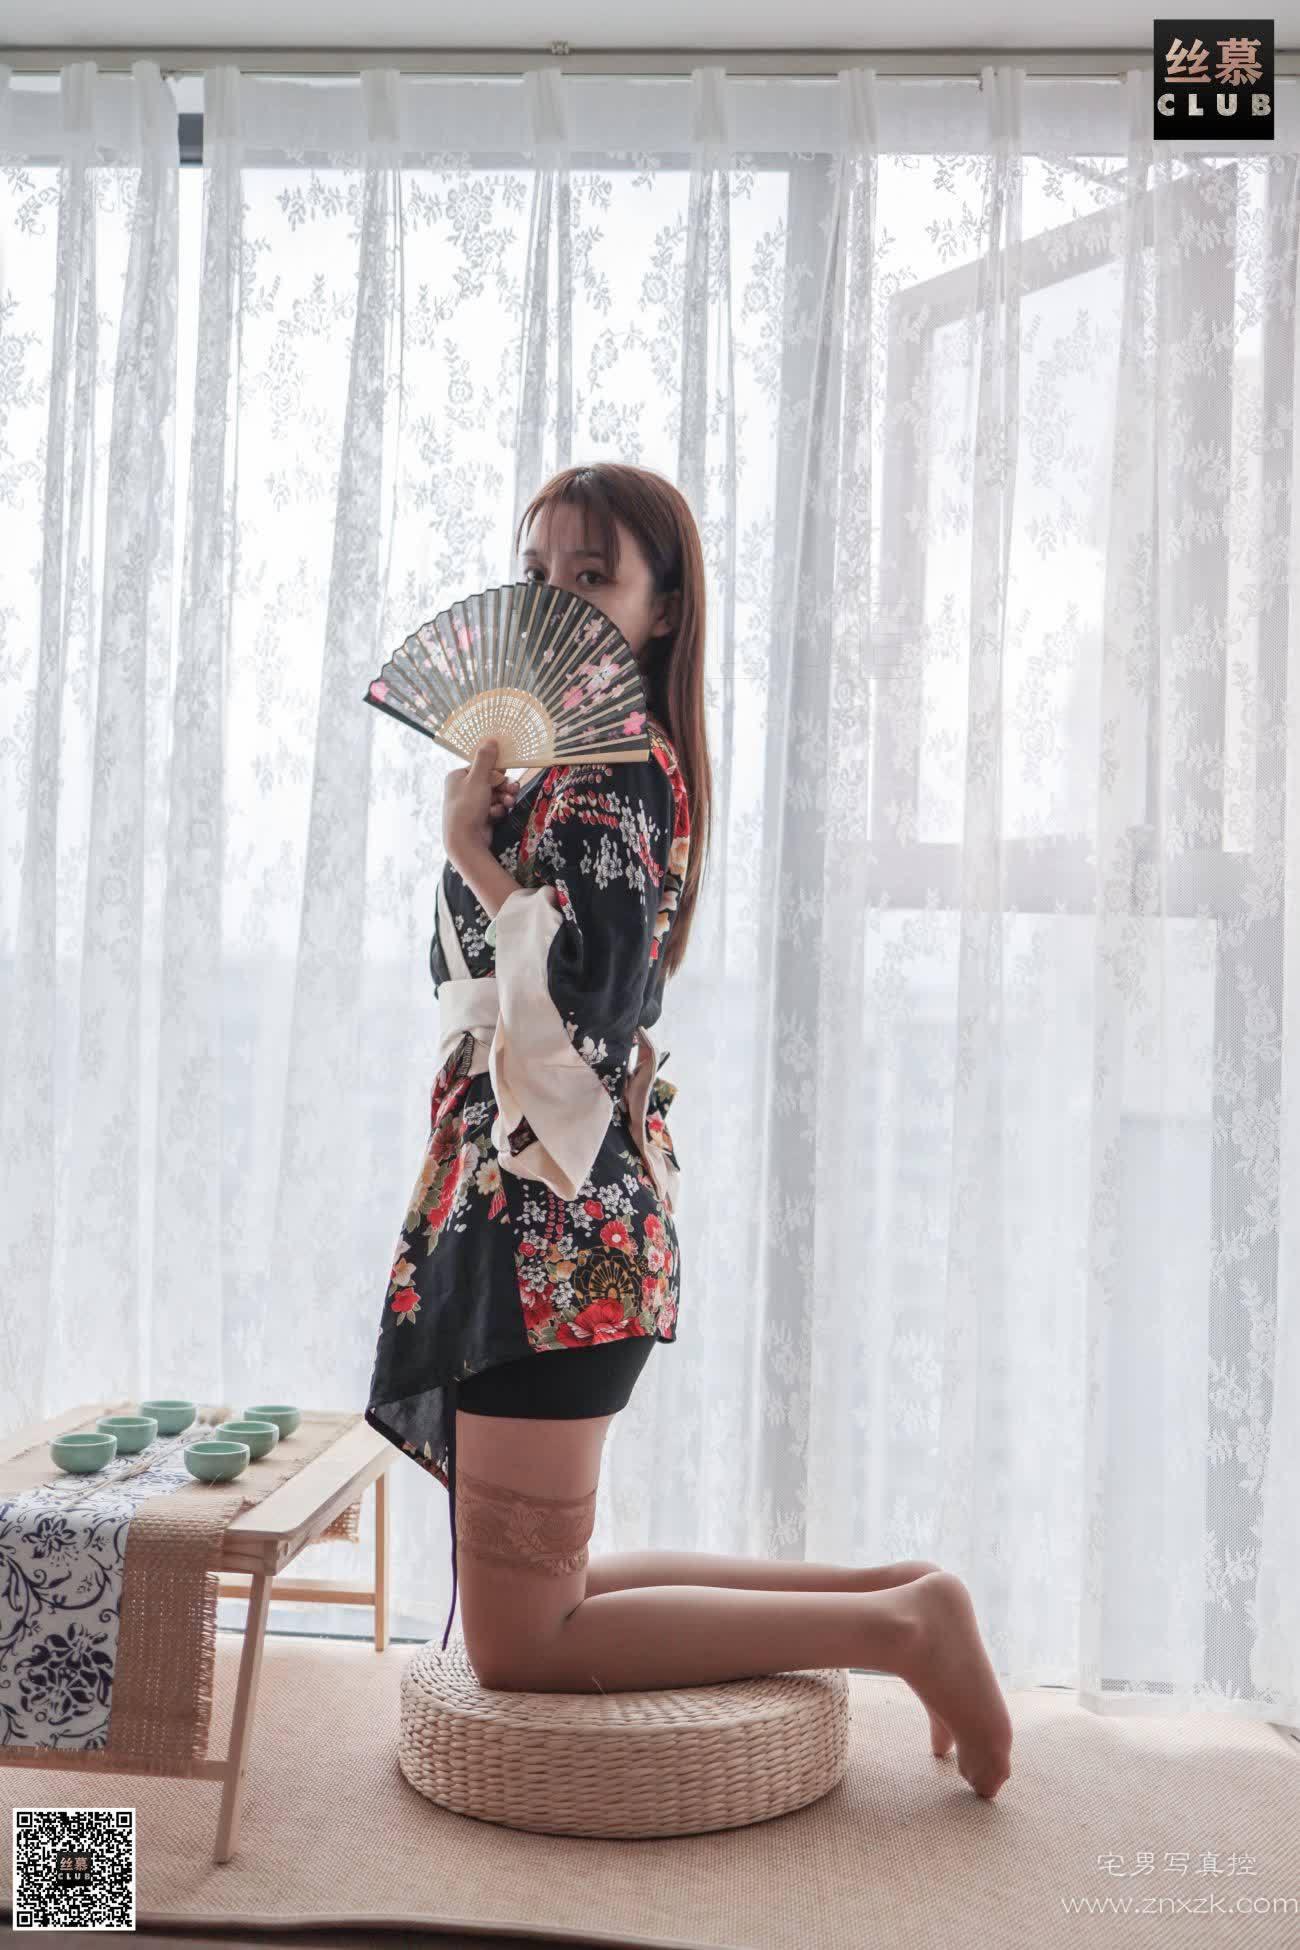 丝慕GIRL SM086 梦辰 樱花の梦辰